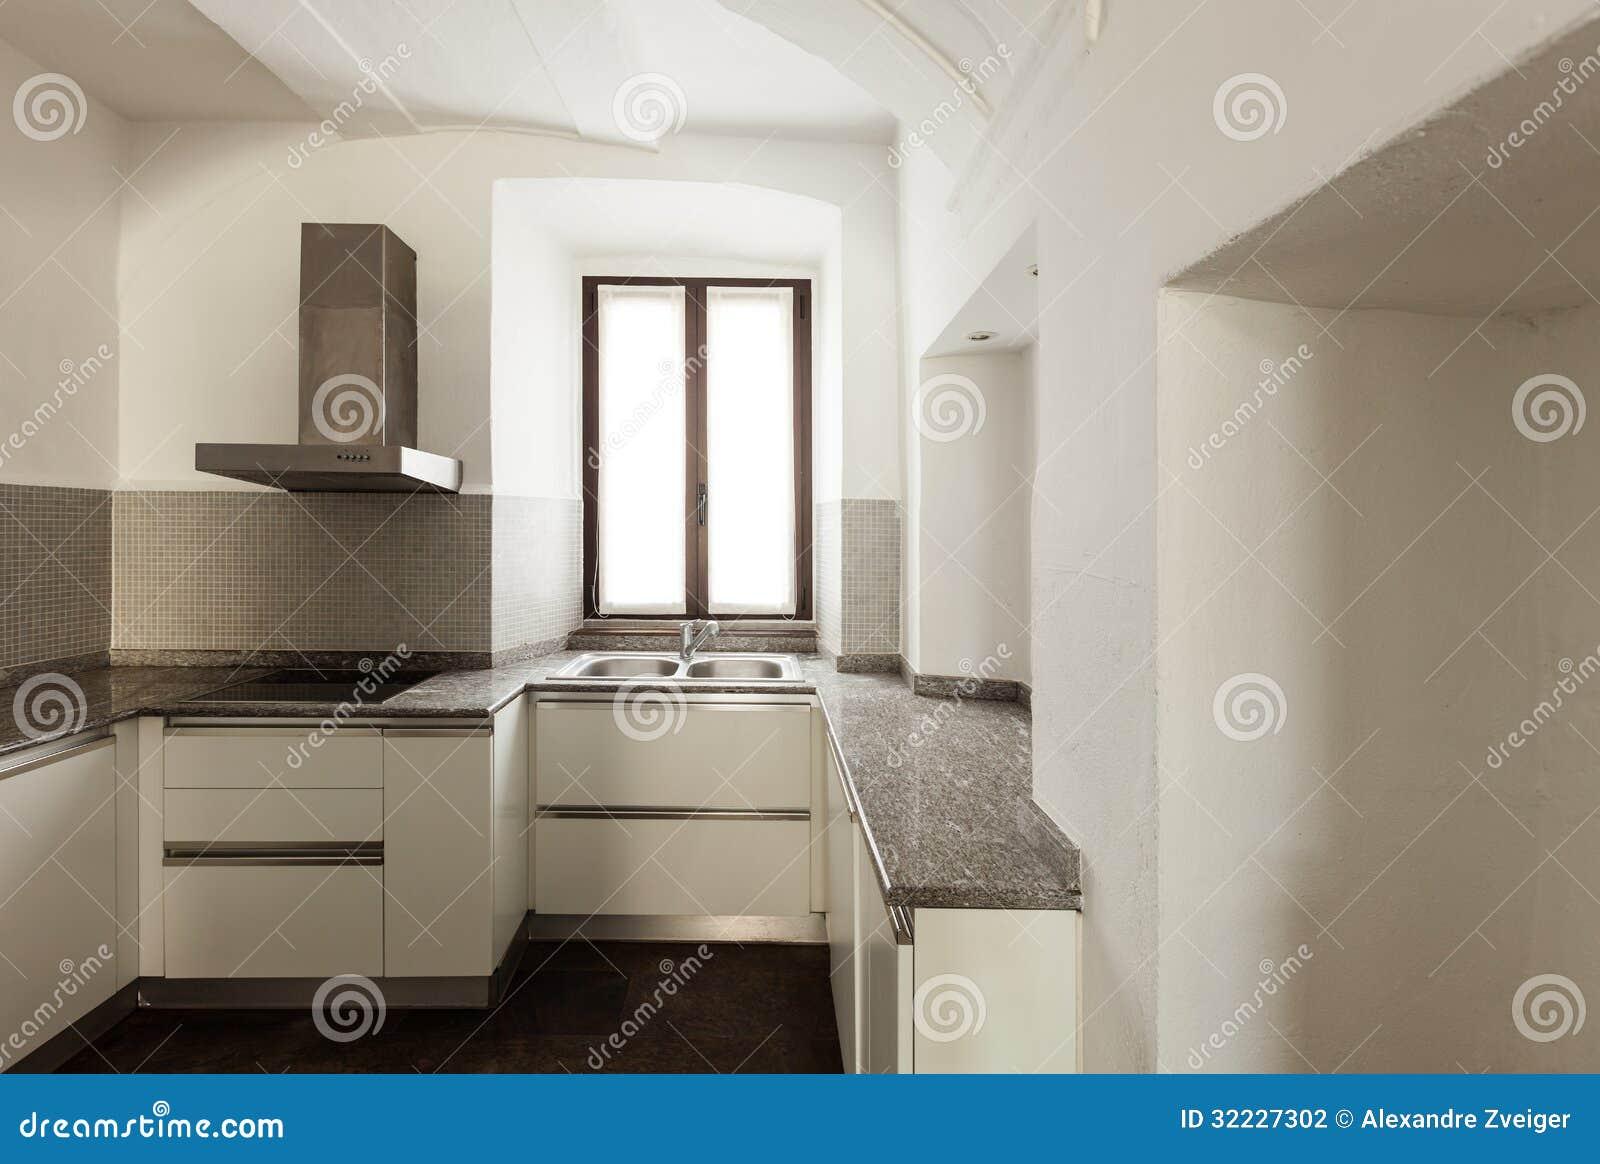 Casa rustica interna cucina fotografia stock immagine for Illuminazione rustica della cabina